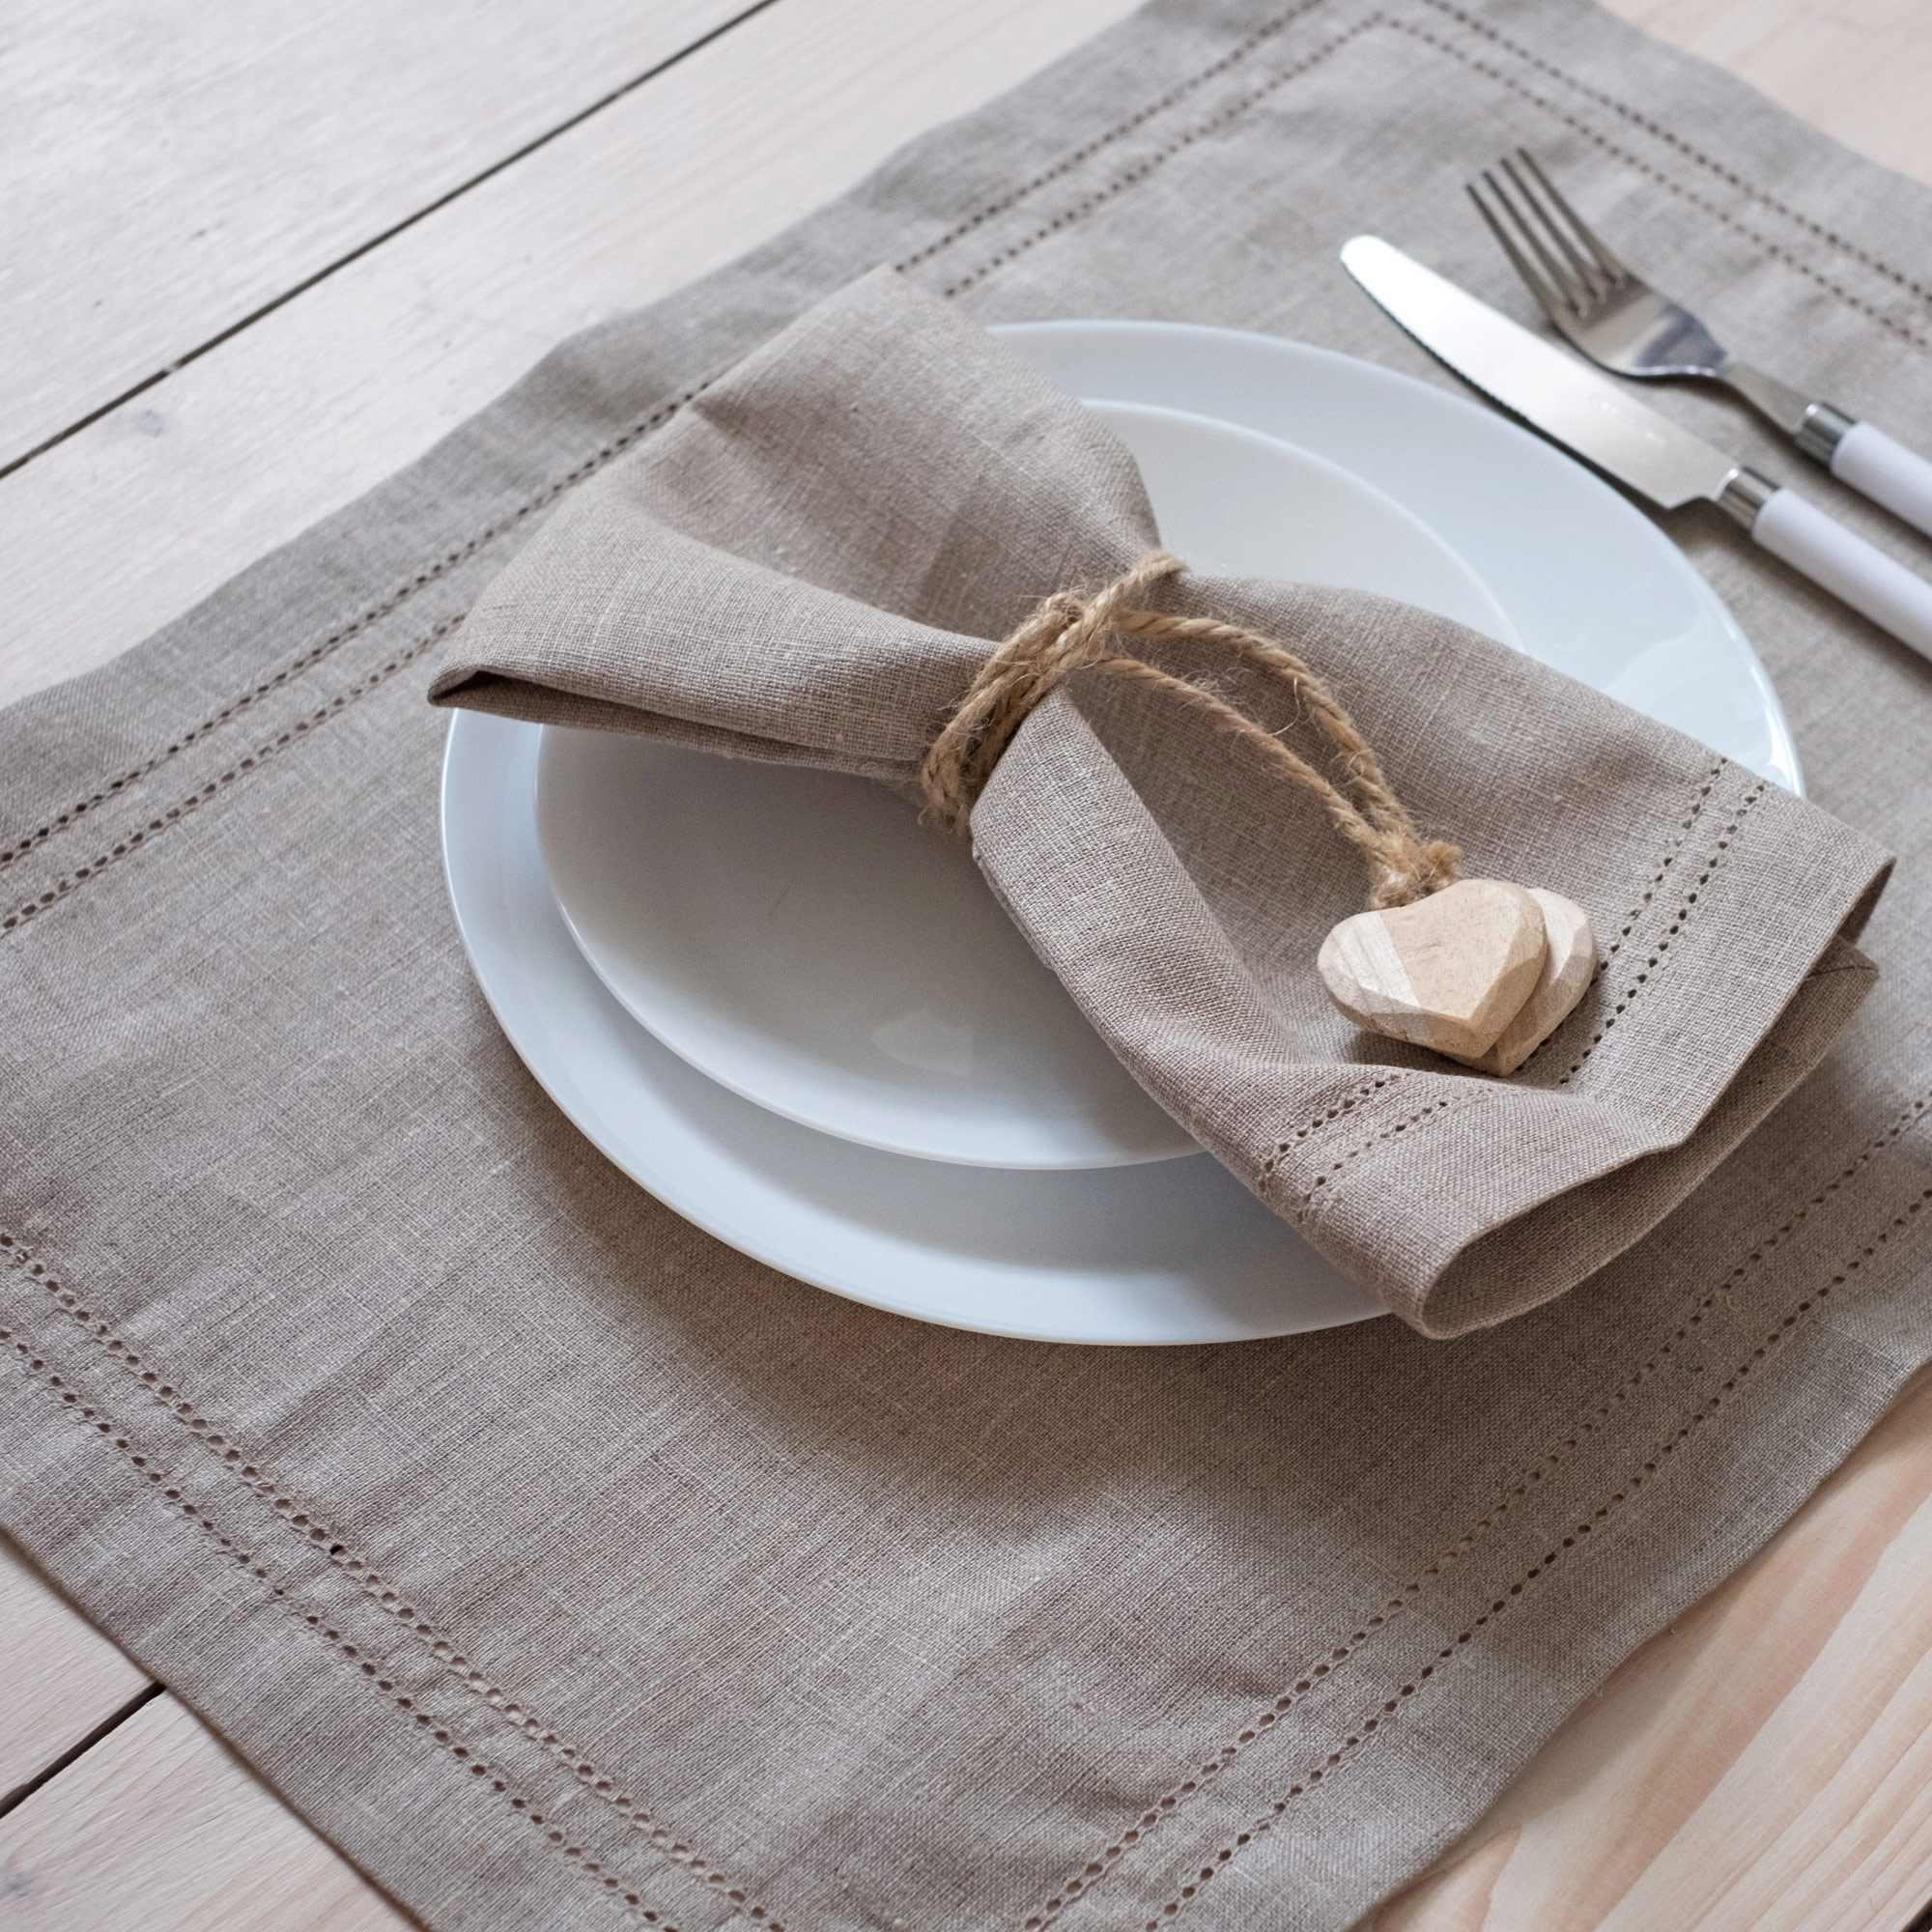 leinen tischsets hohlsaum elbla natural. Black Bedroom Furniture Sets. Home Design Ideas